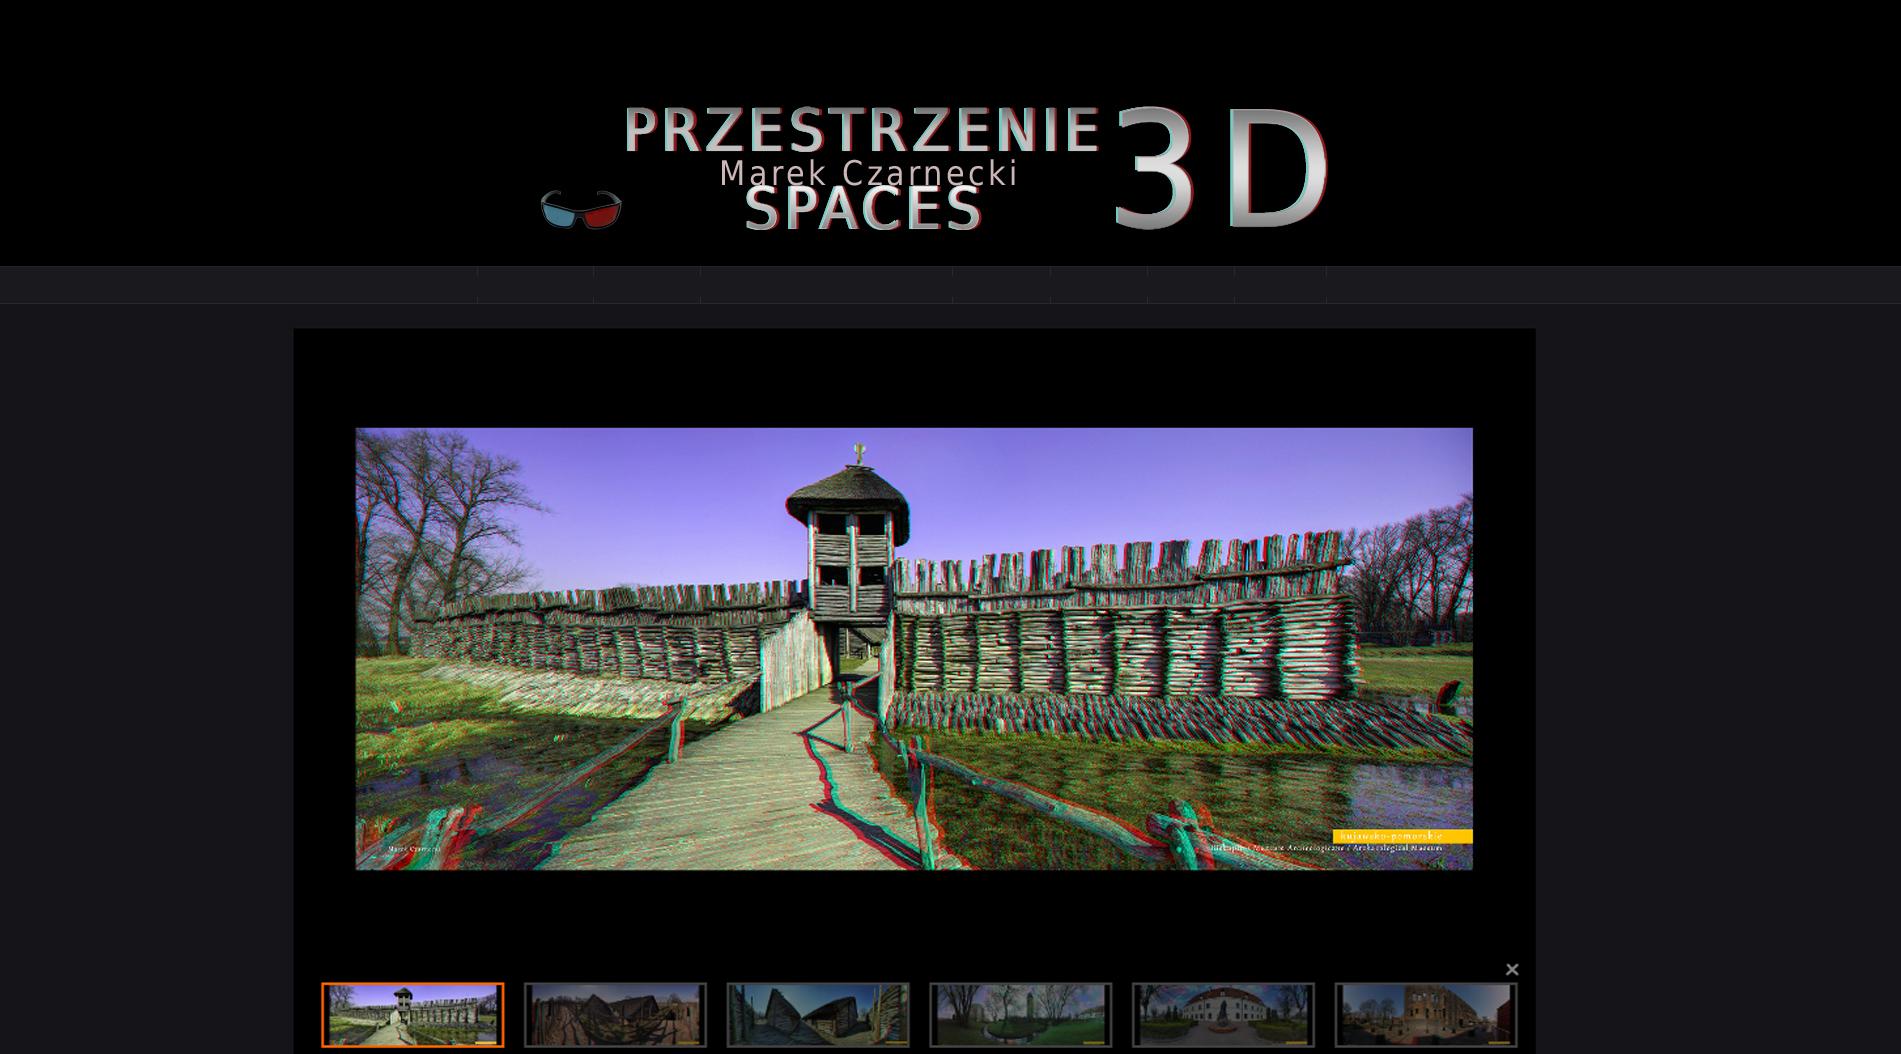 Przestrzenie Kujawsko-Pomorskie 3D